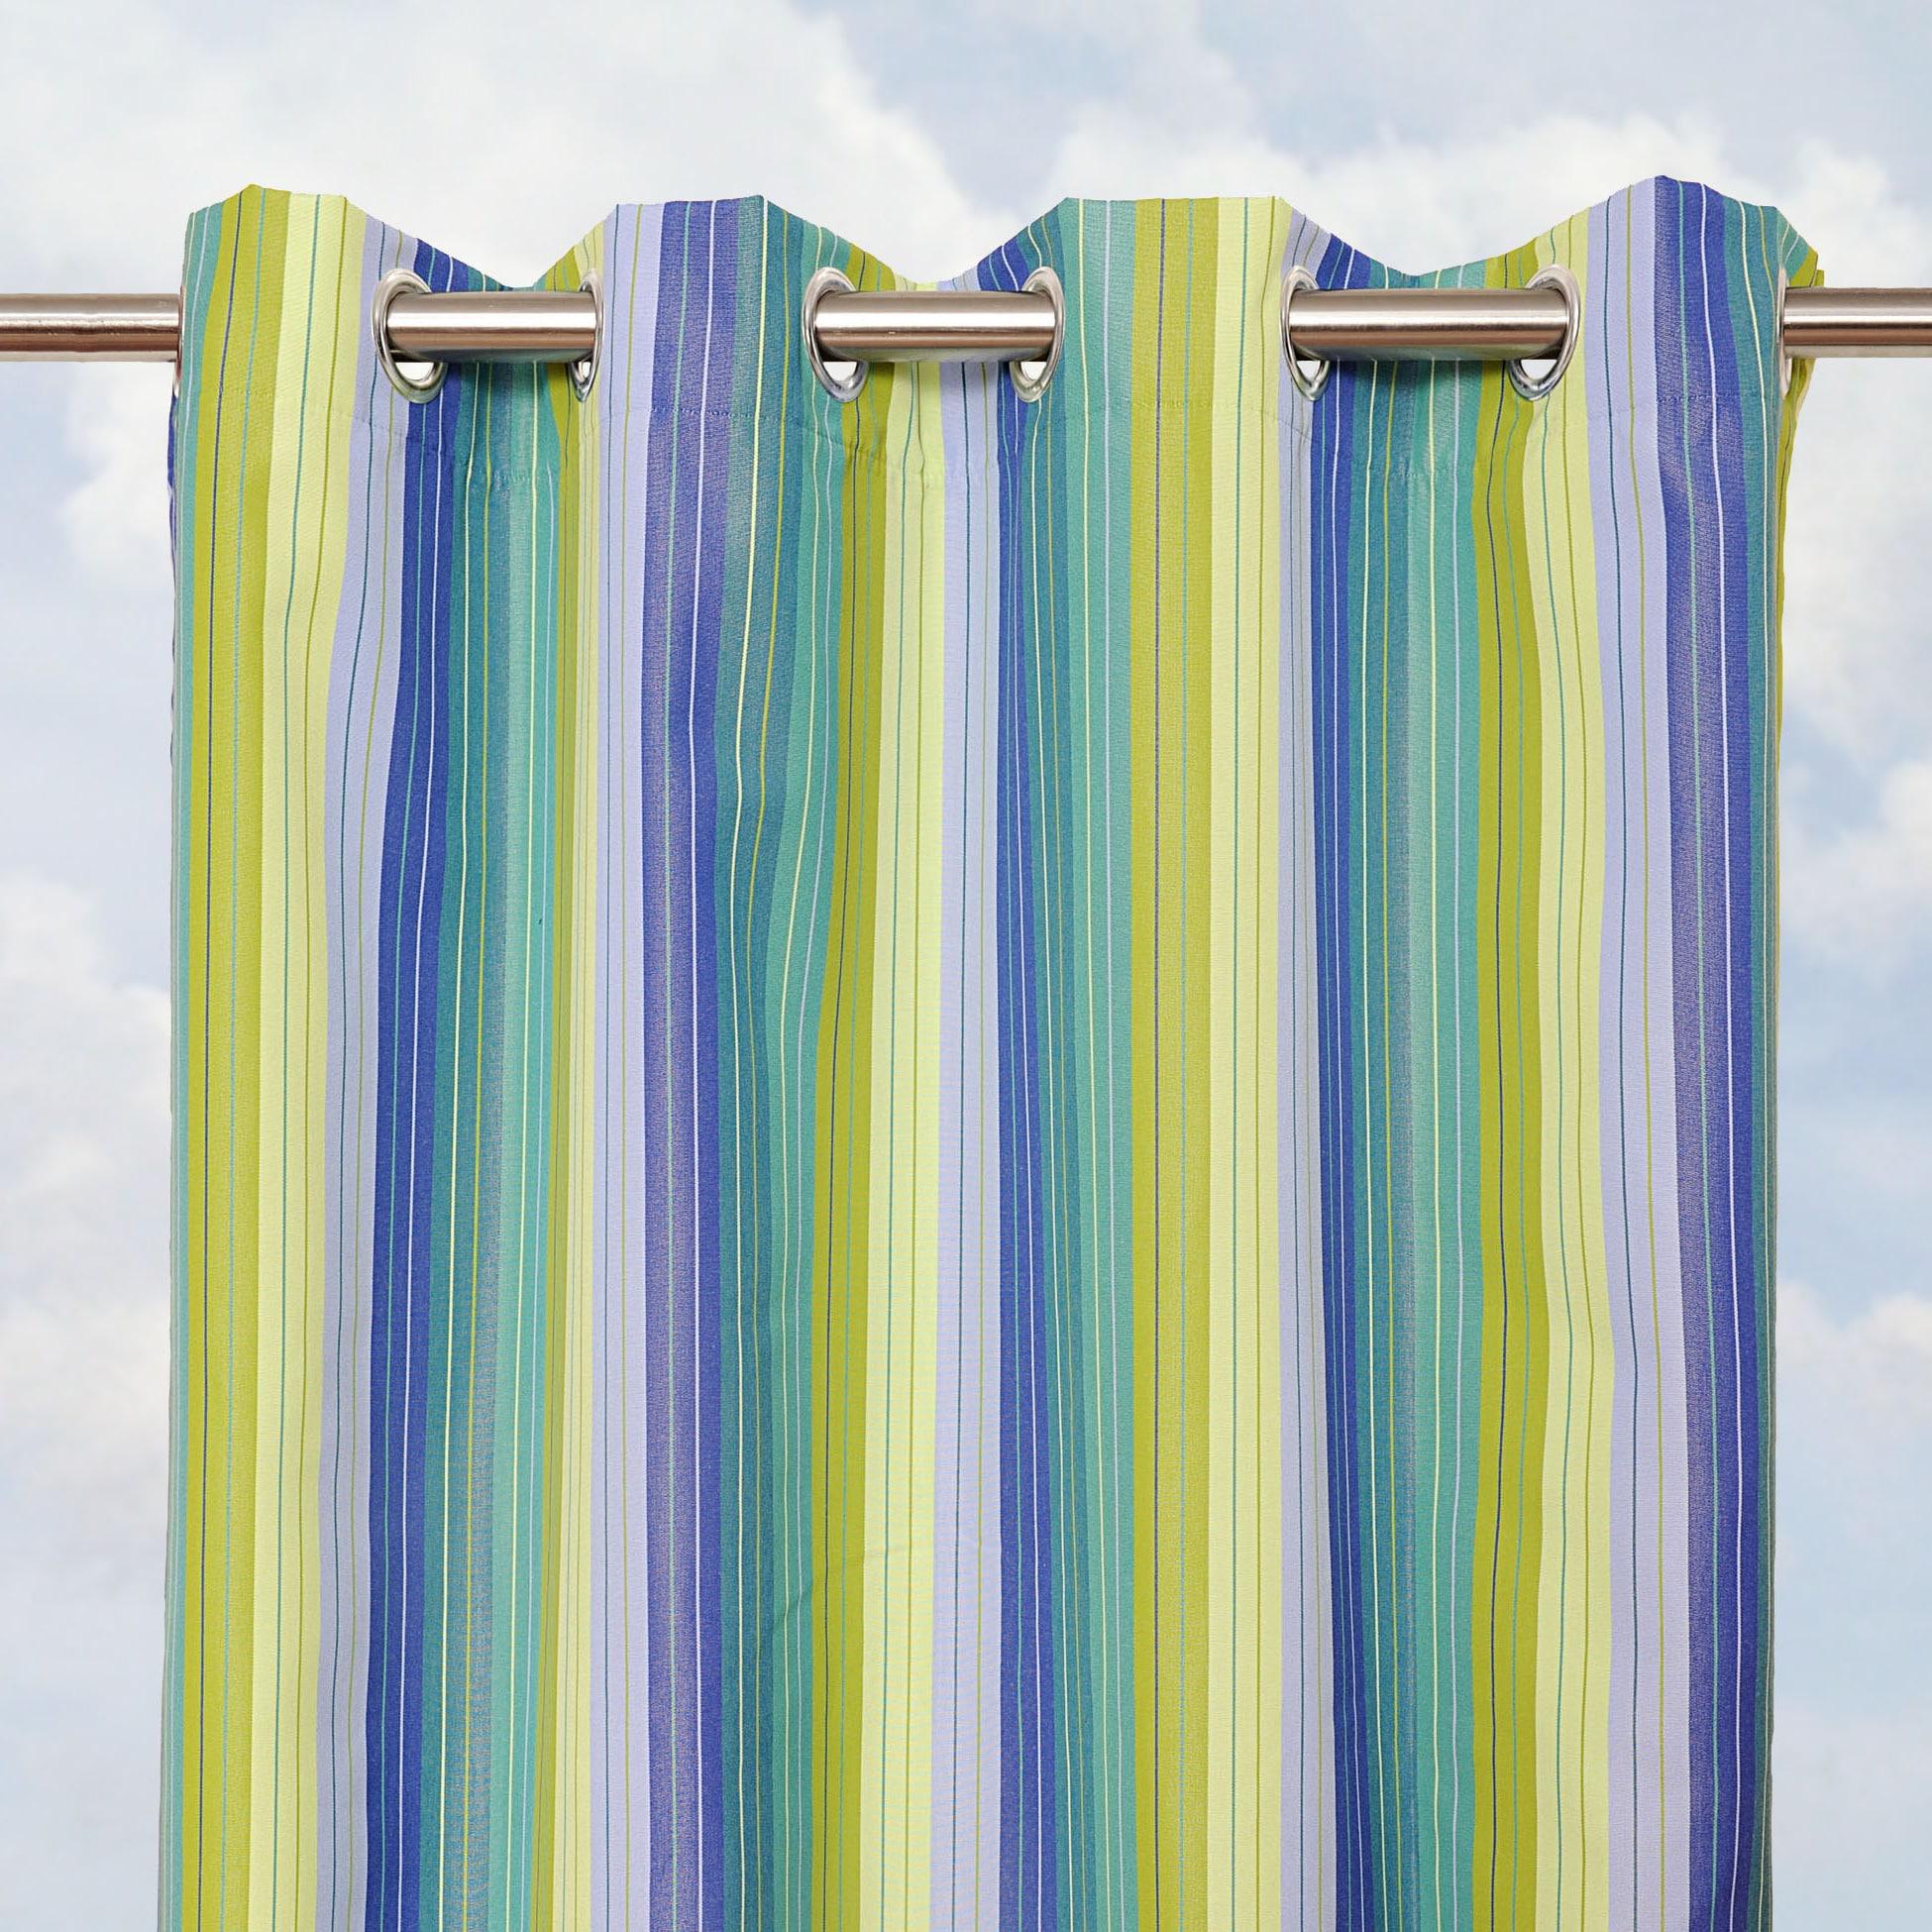 Sunbrella Outdoor Curtains On Sale Sunbrella Outdoor Drape